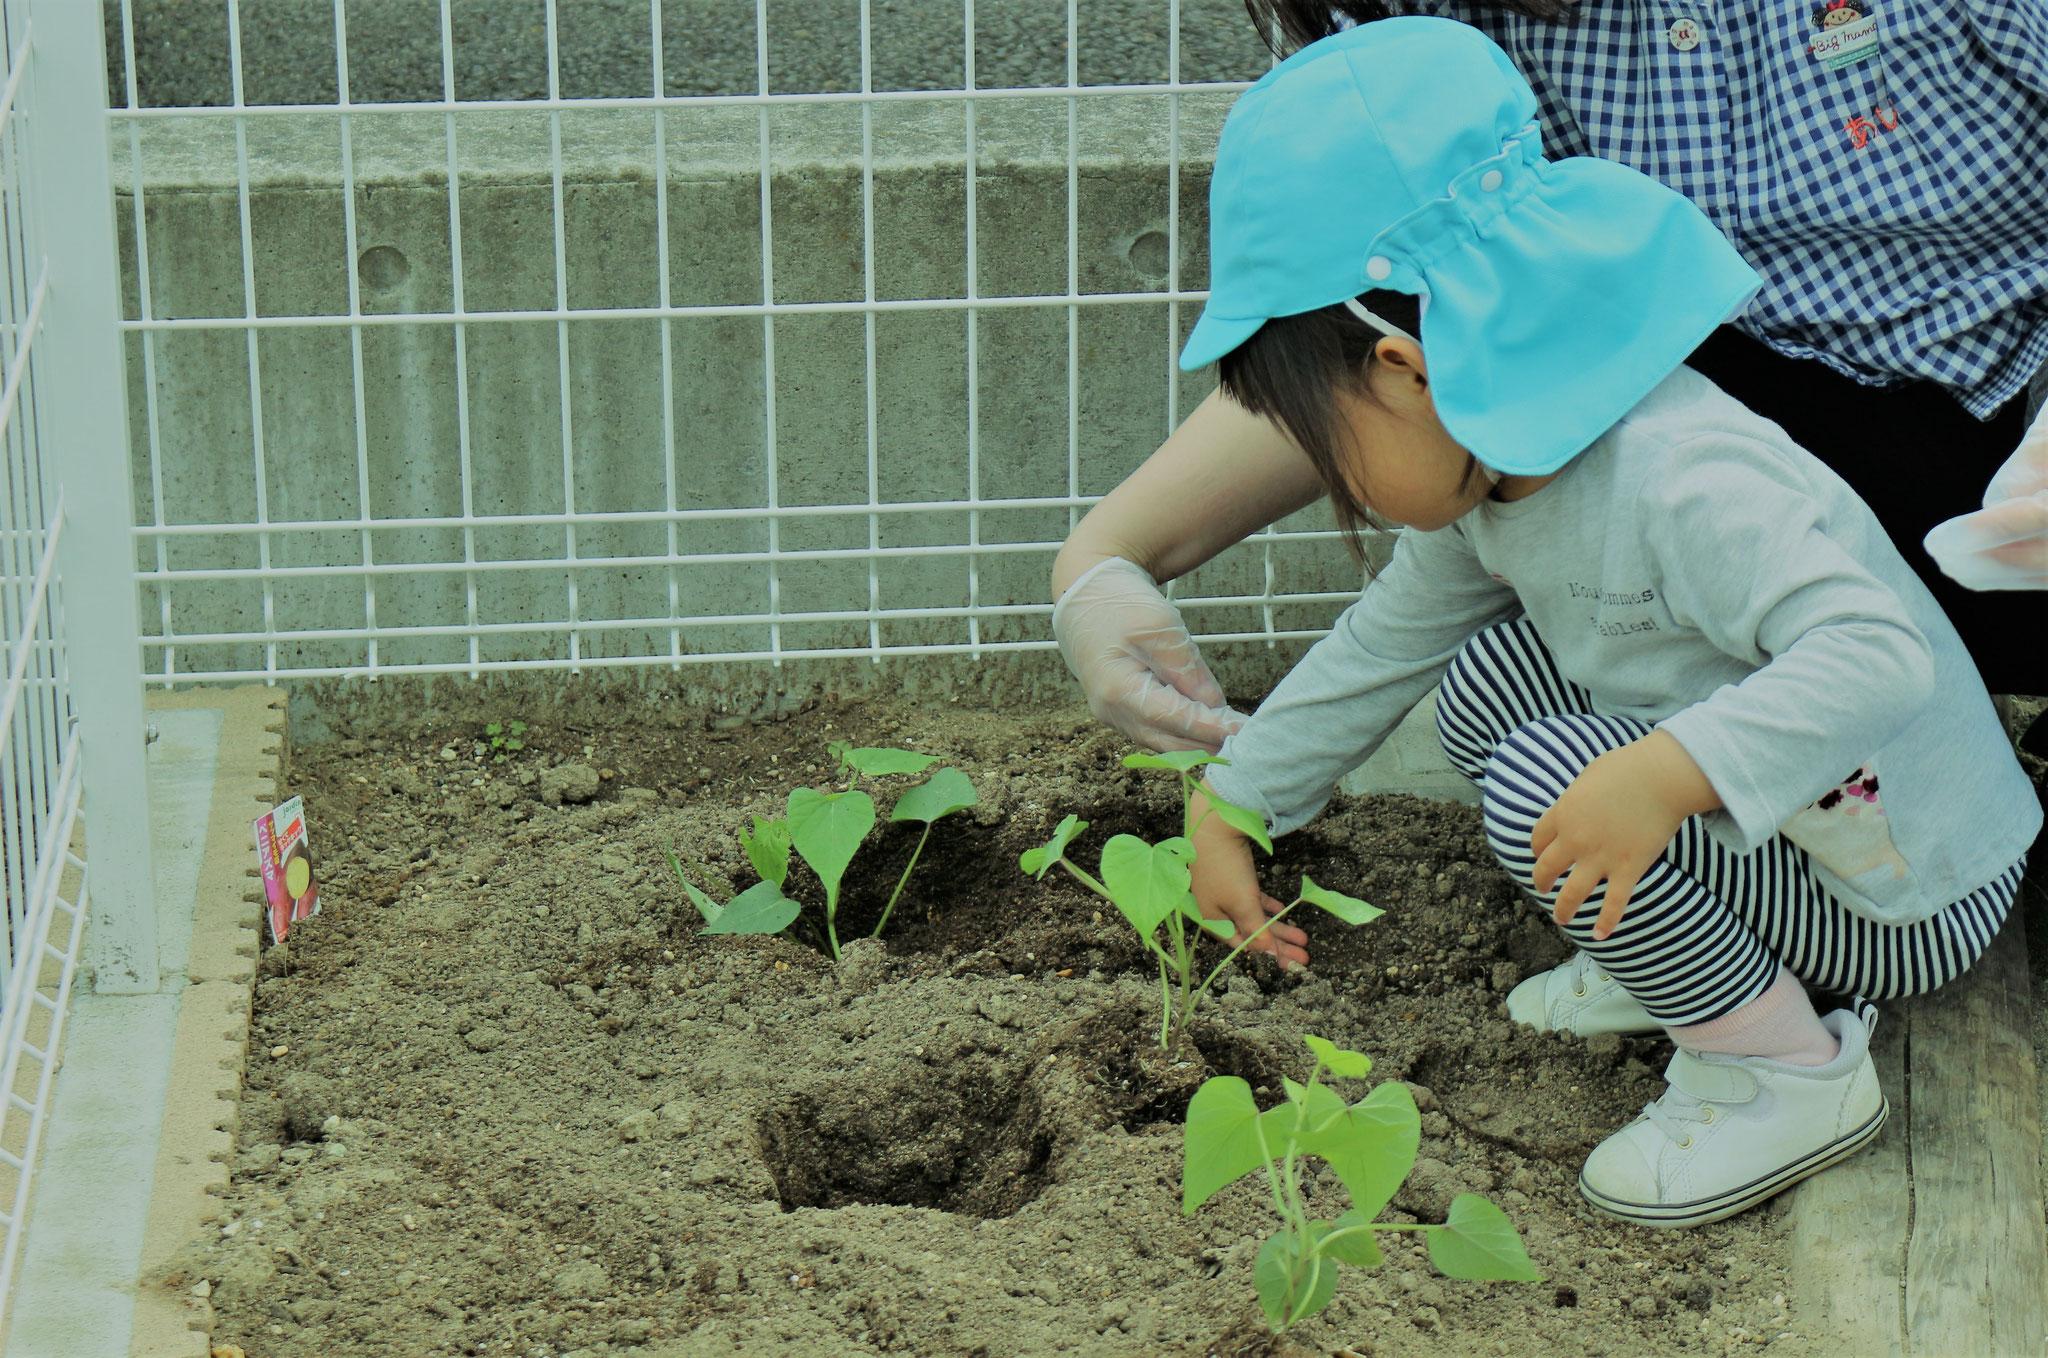 園庭活動①サツマイモ苗植え 他にもカボチャ、パプリカ、バジル、ジャガイモ、スナップエンドウ、トウモロコシを植えています。